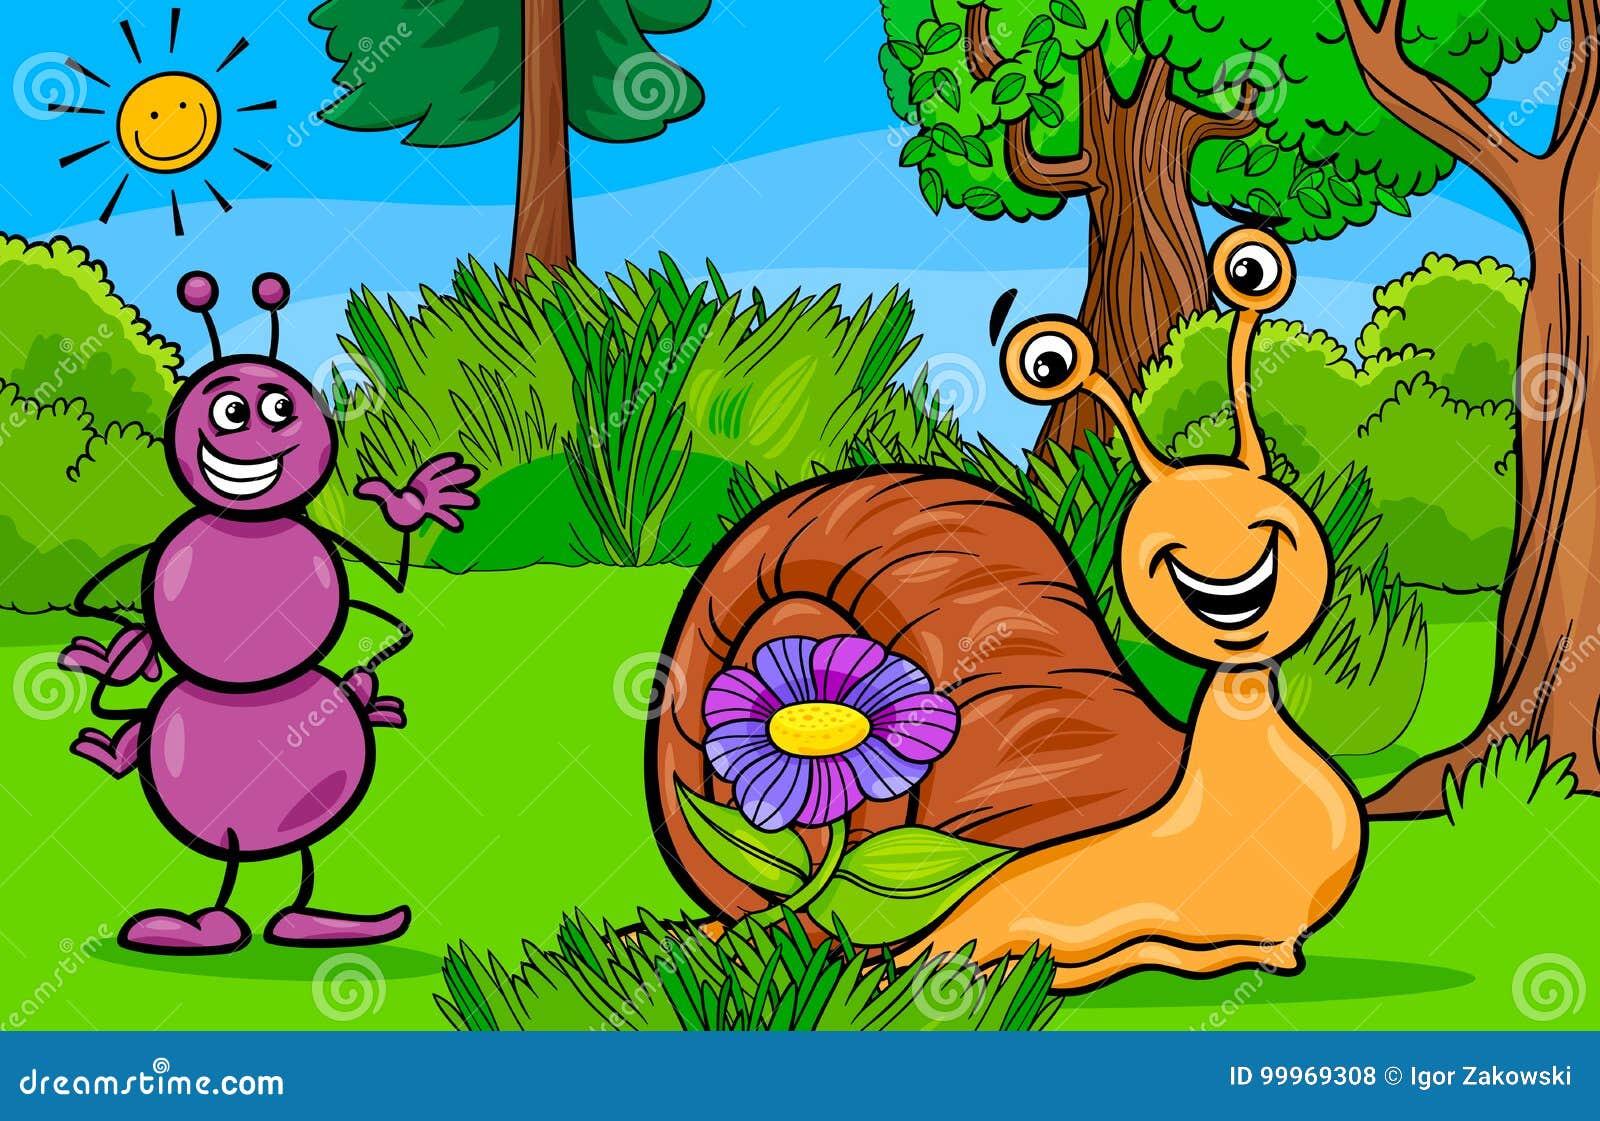 Personaggi dei cartoni animati dellanimale della lumaca e della